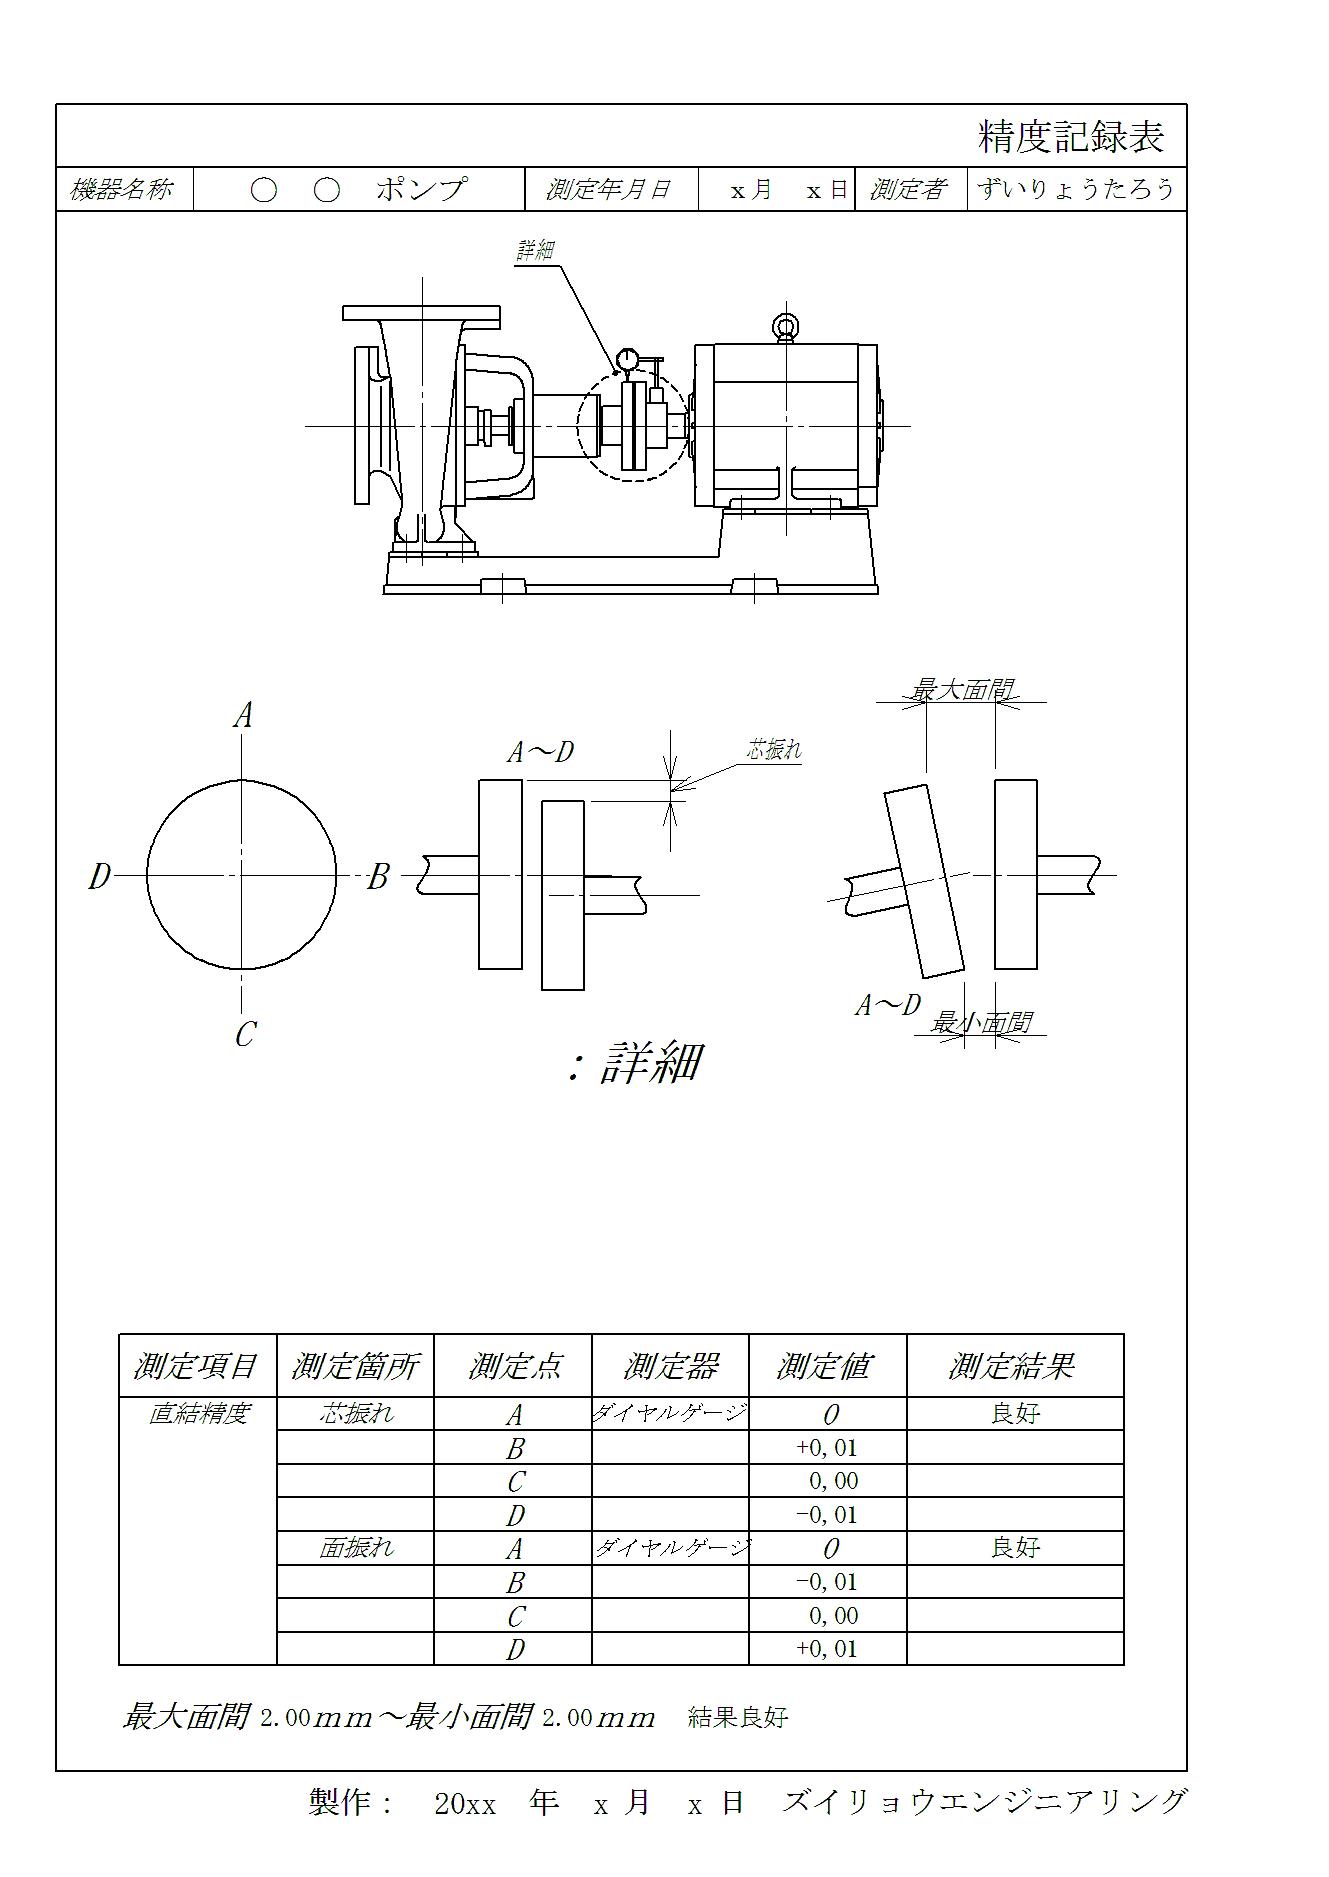 測定記録表